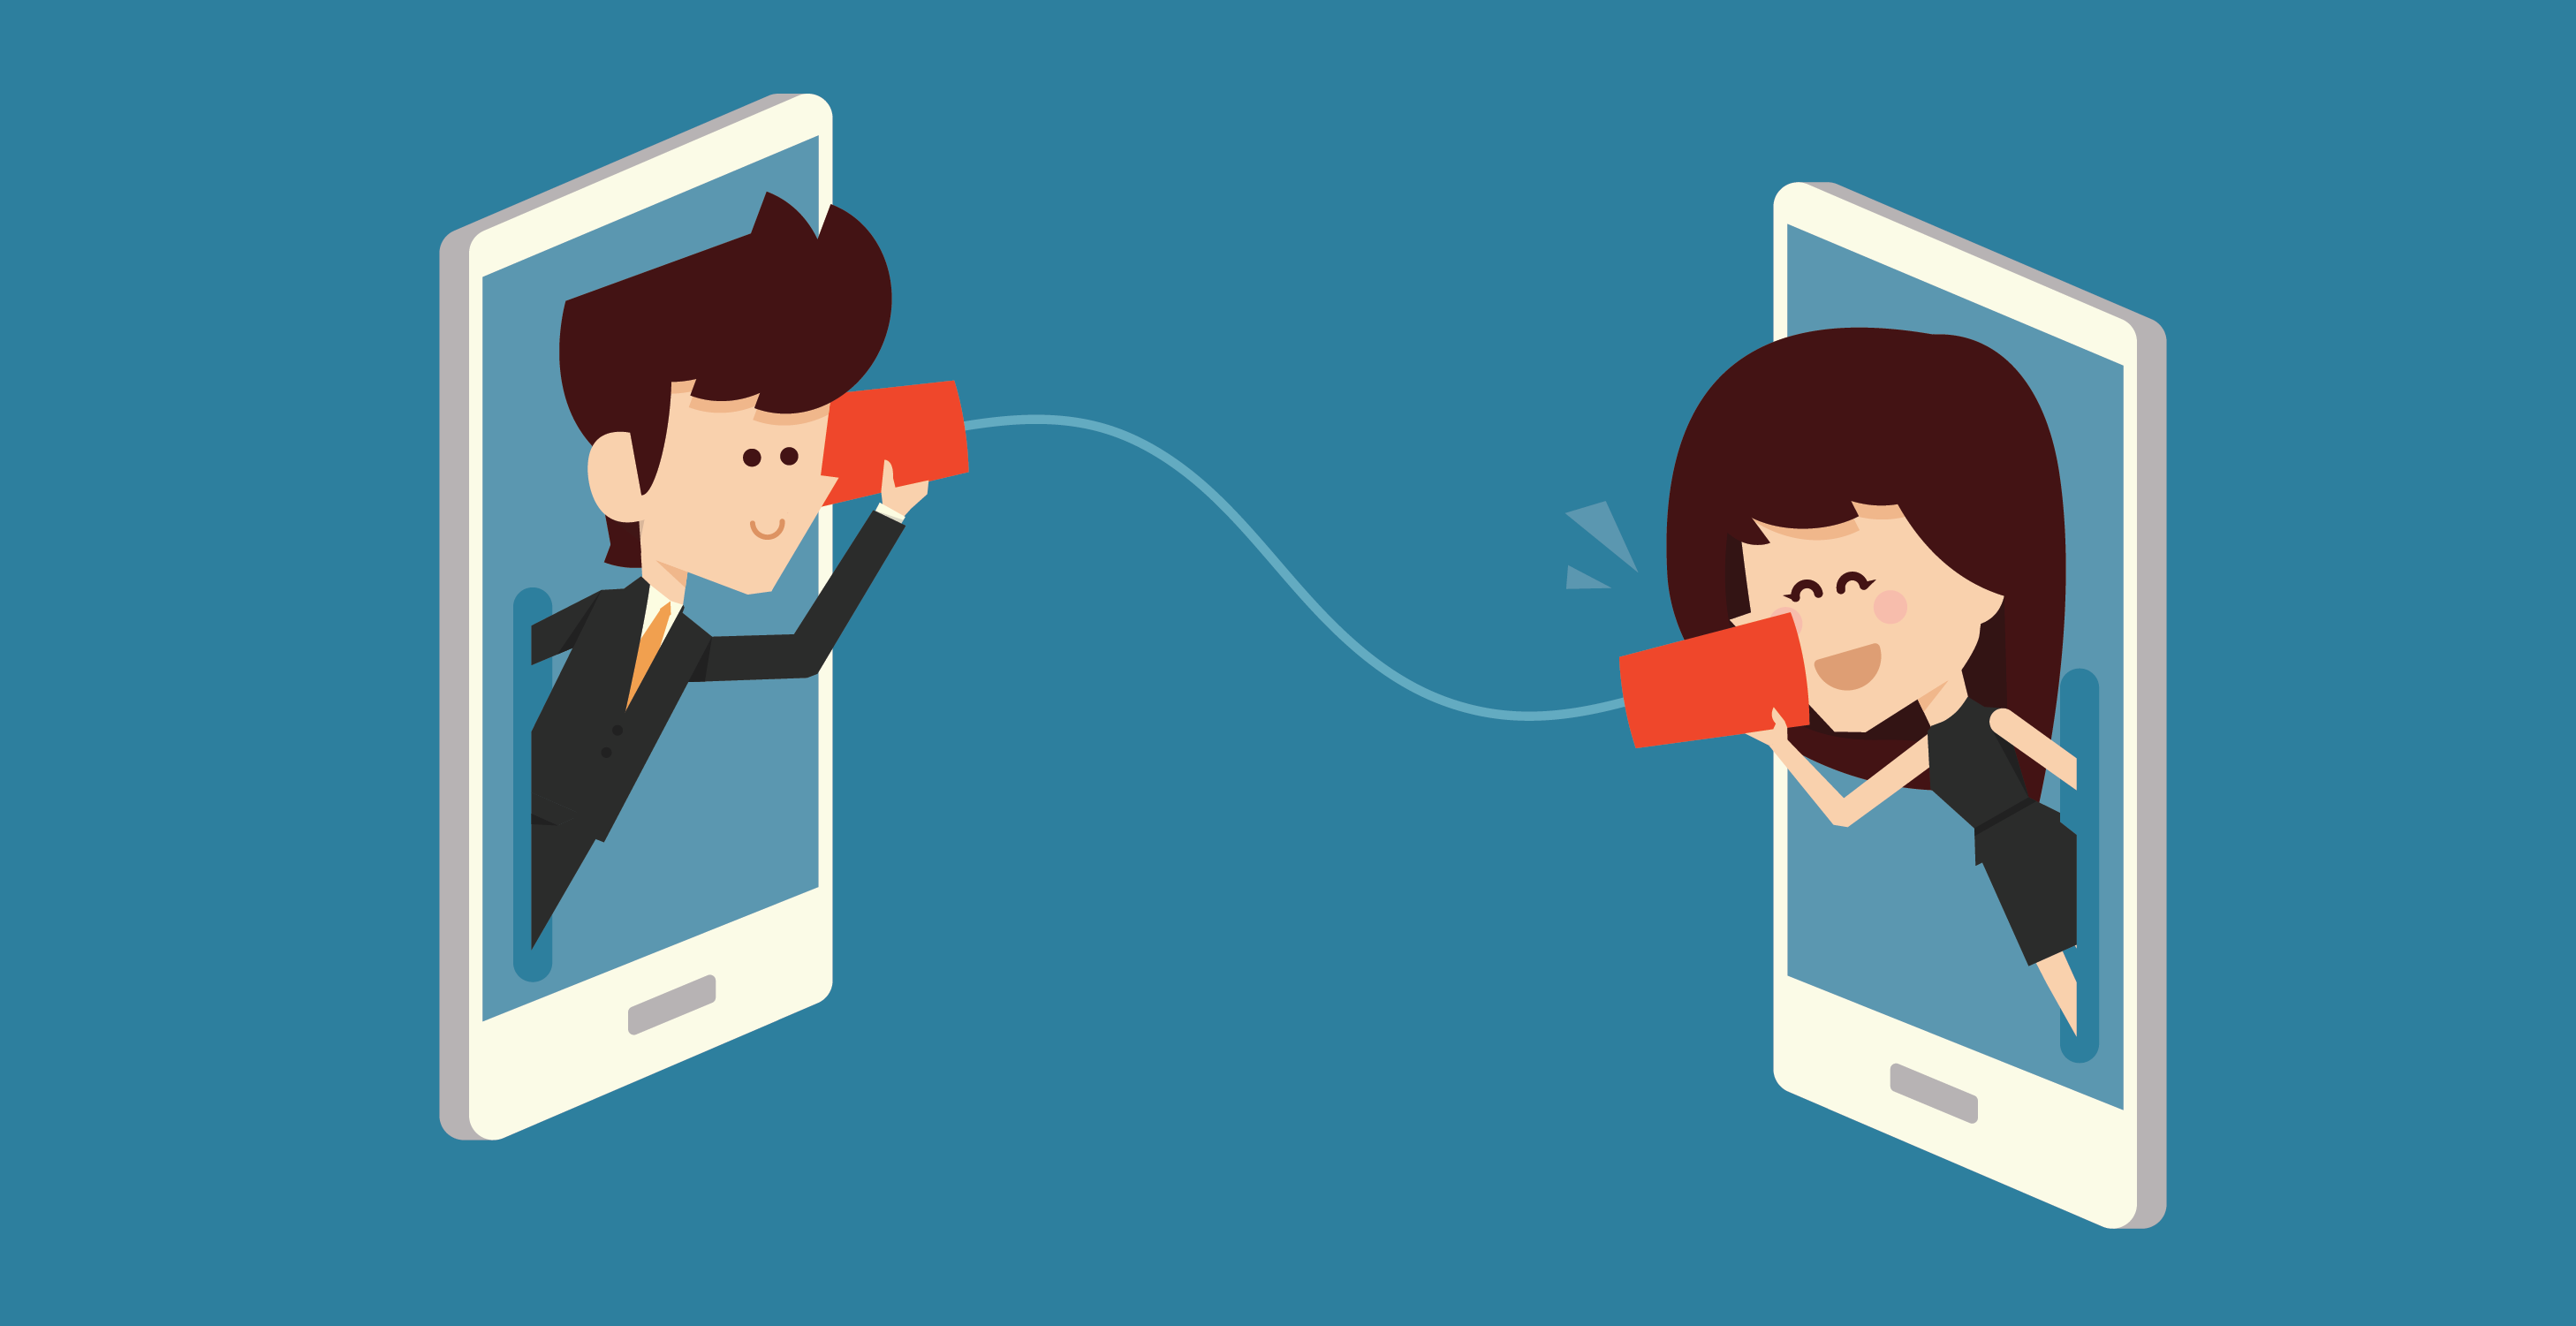 Como solucionar os problemas de comunicação no condomínio?